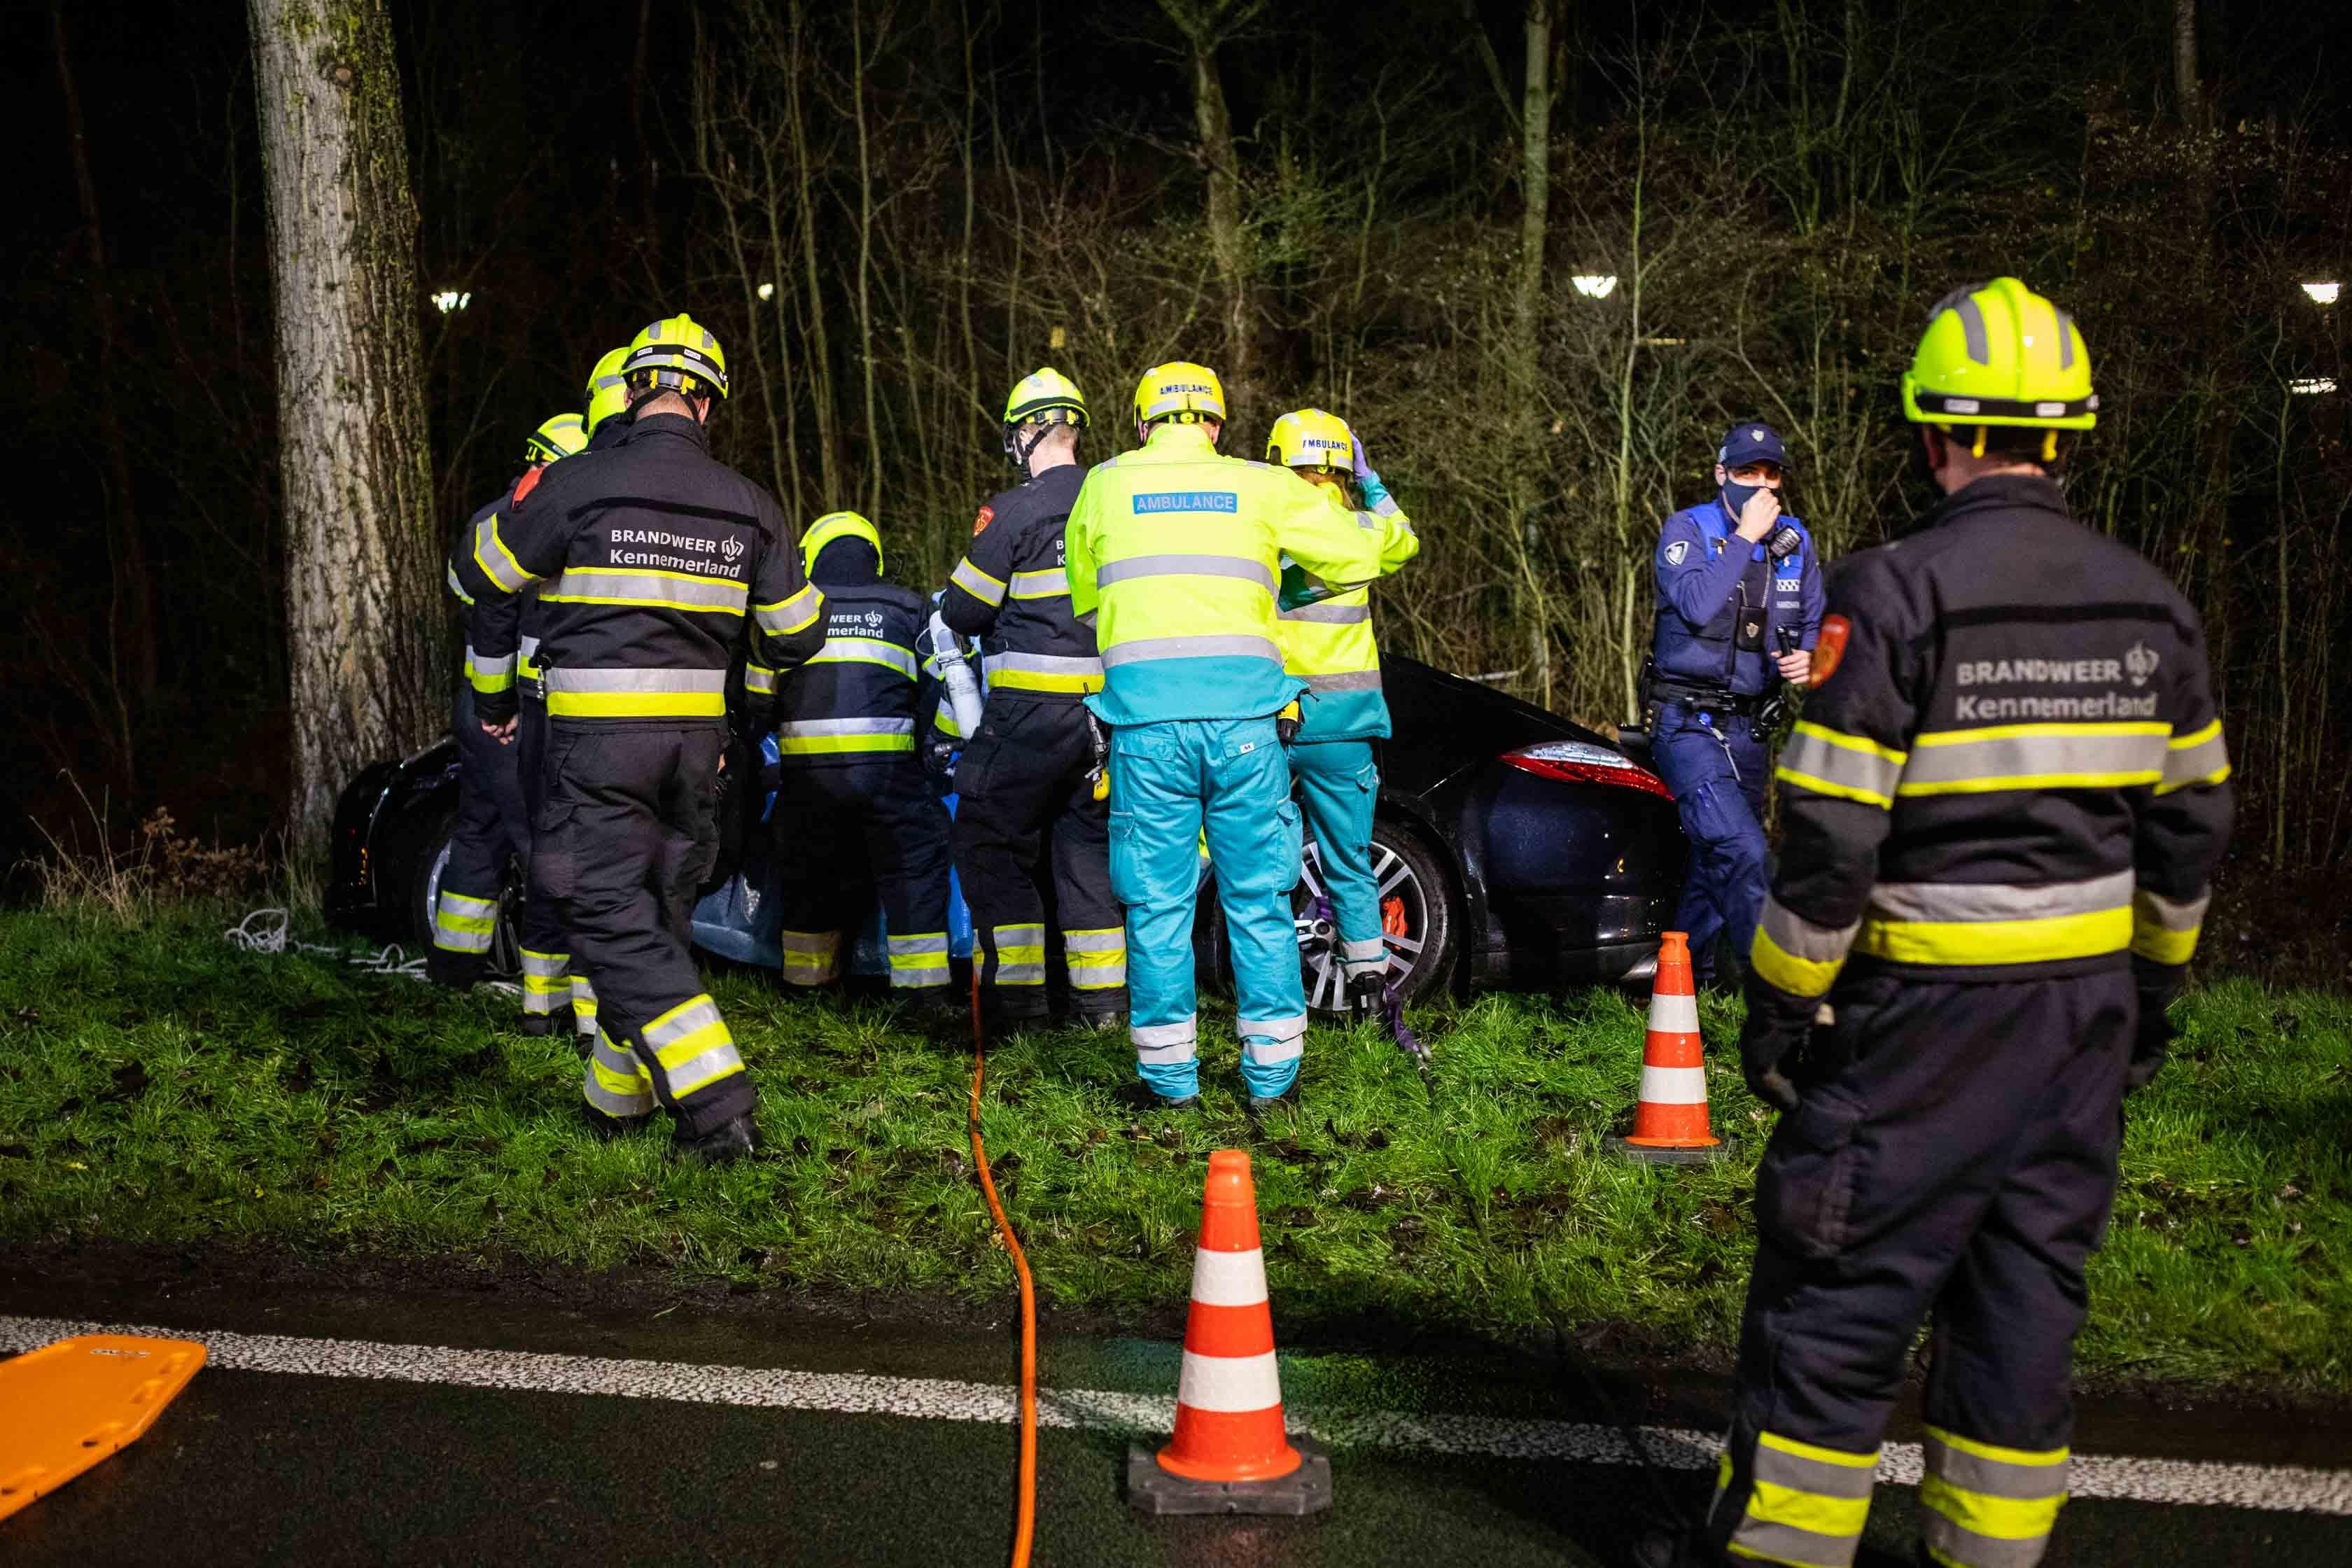 Bestuurder ernstig gewond bij botsing met boom in Hoofddorp. Brandweer bevrijdt man uit zijn Porsche